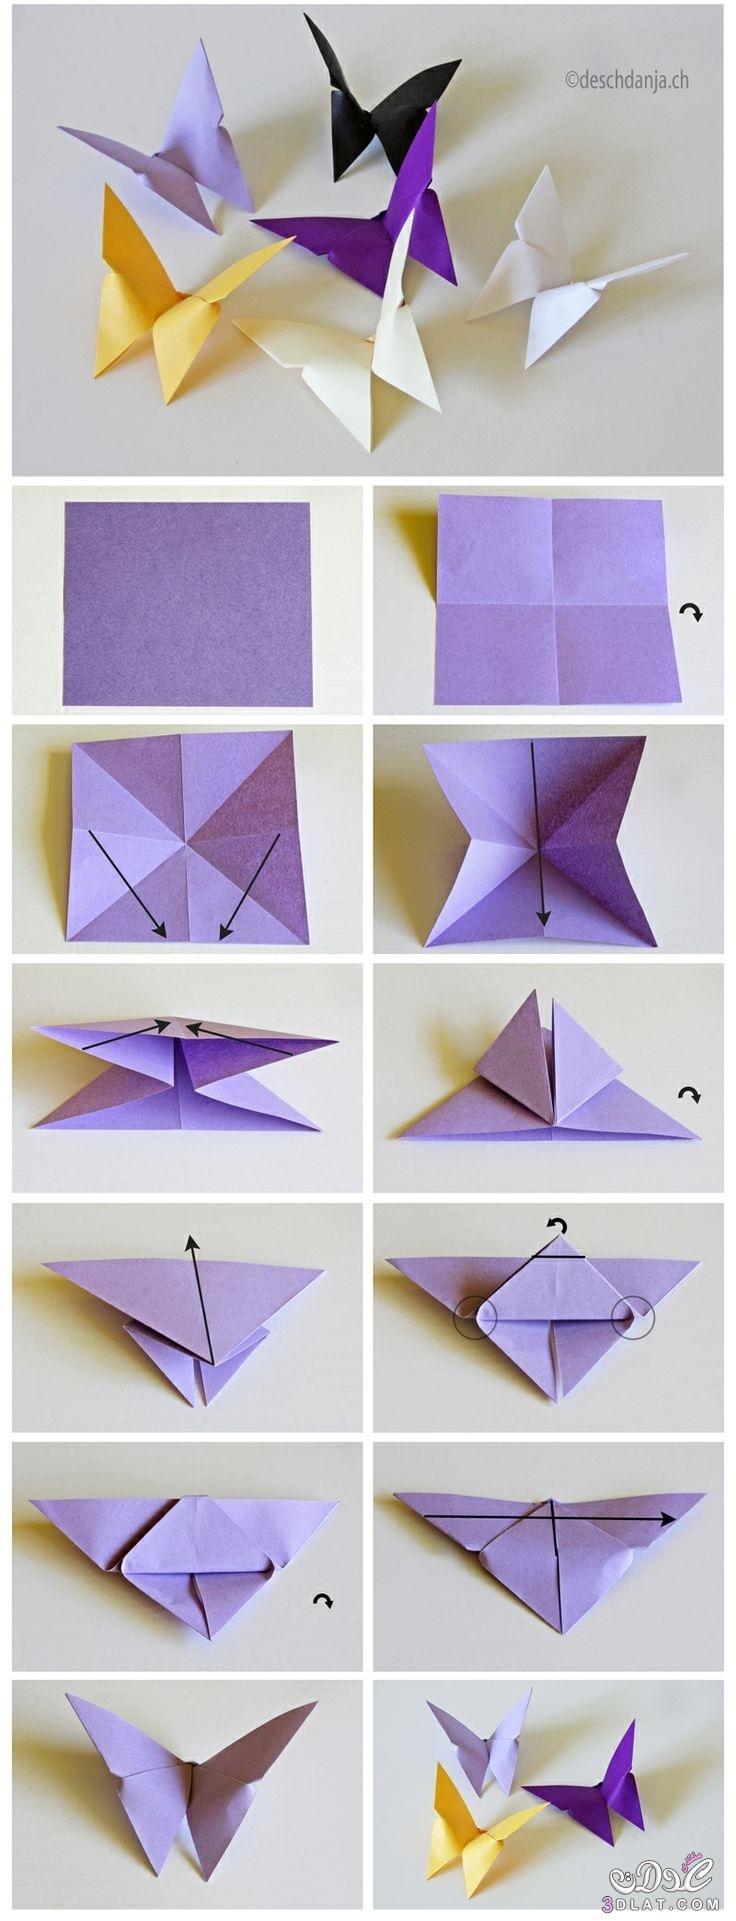 [صور] فراشة ورقية بالخطوات المصورة اصنعيها للزينة بنفسك فن طي الورق 3dlat.com_1415297915